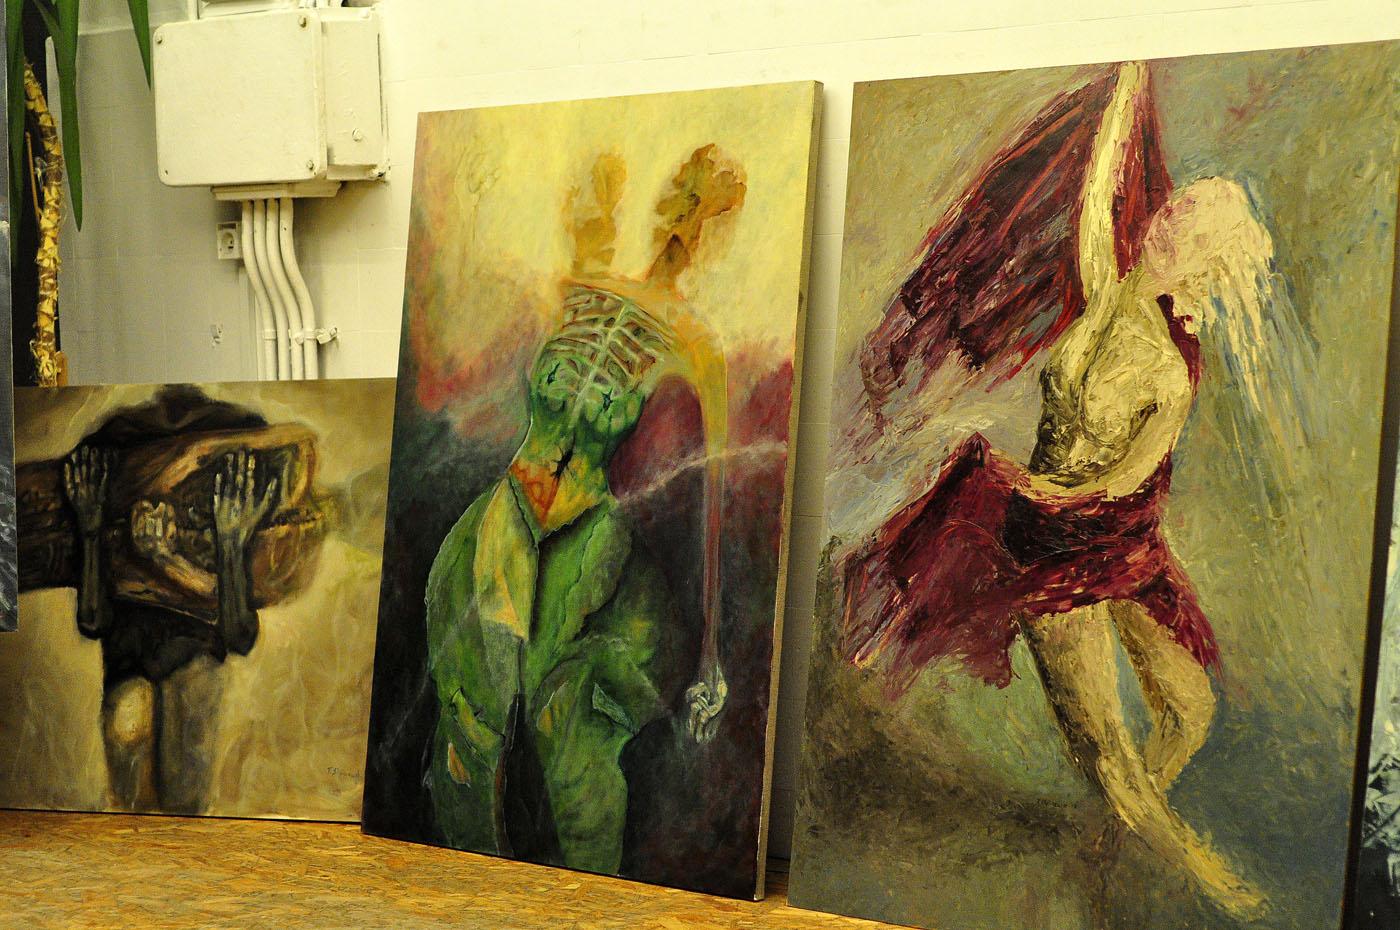 malarstwo Tomka Staszewskiego w biurze